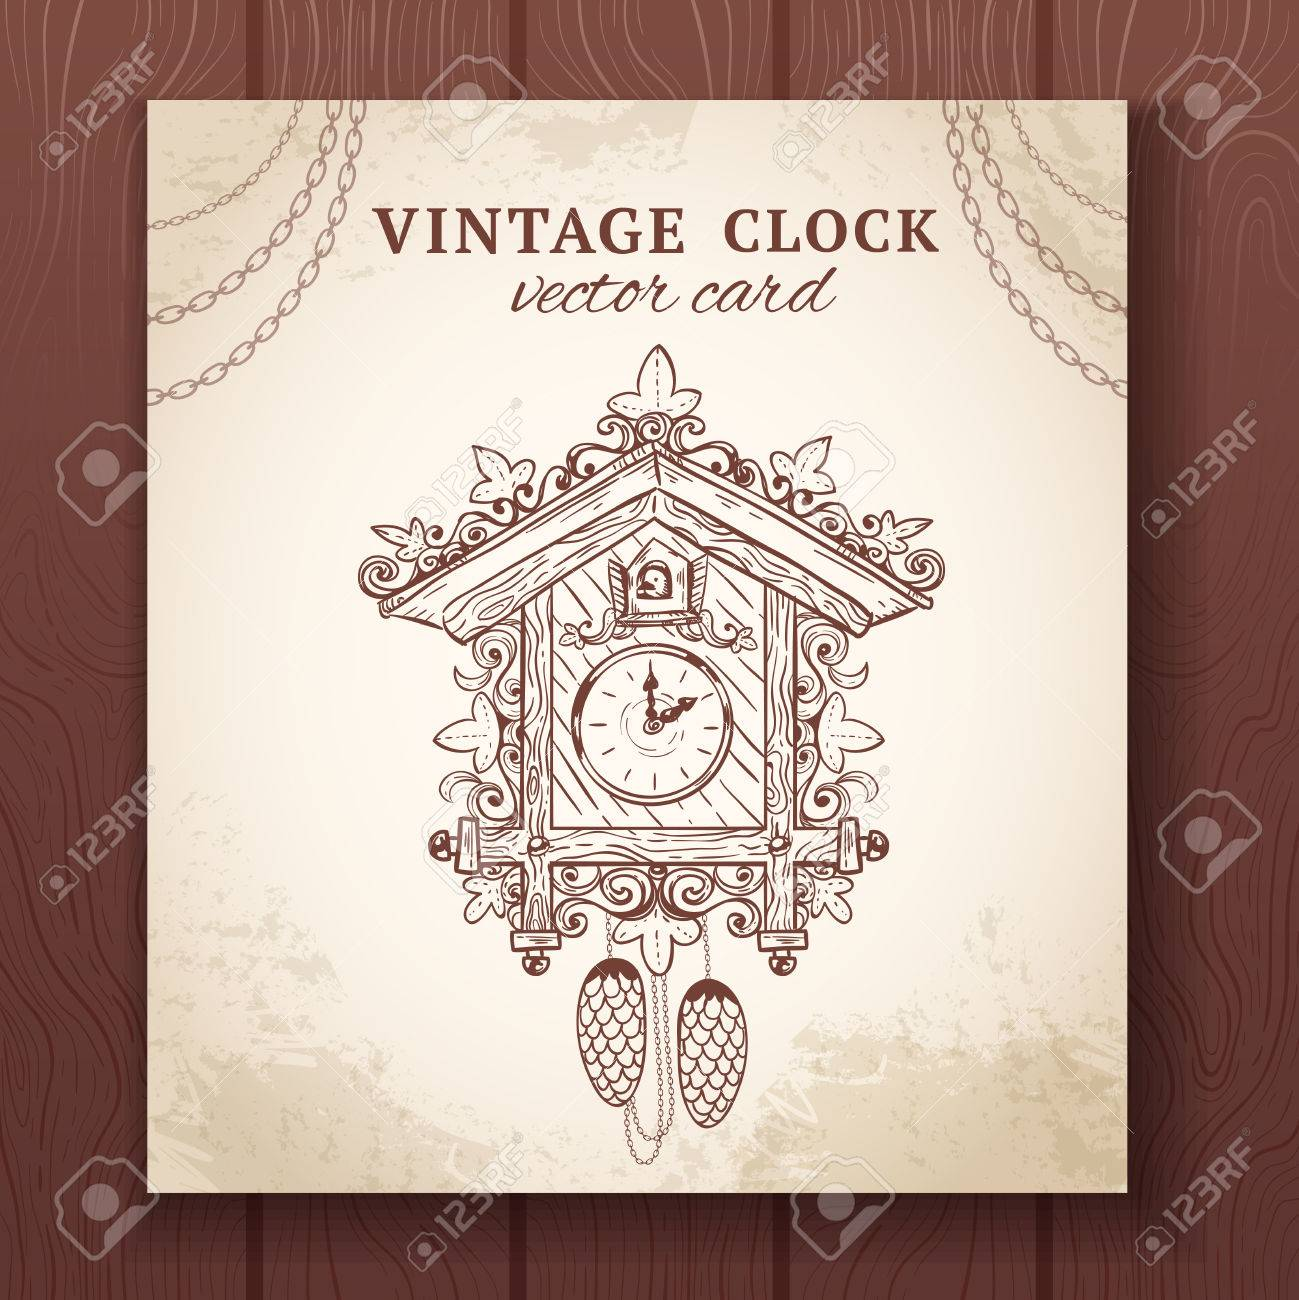 Vettoriale Old Vintage Retrò Orologio A Cucù Schizzo Illustrazione